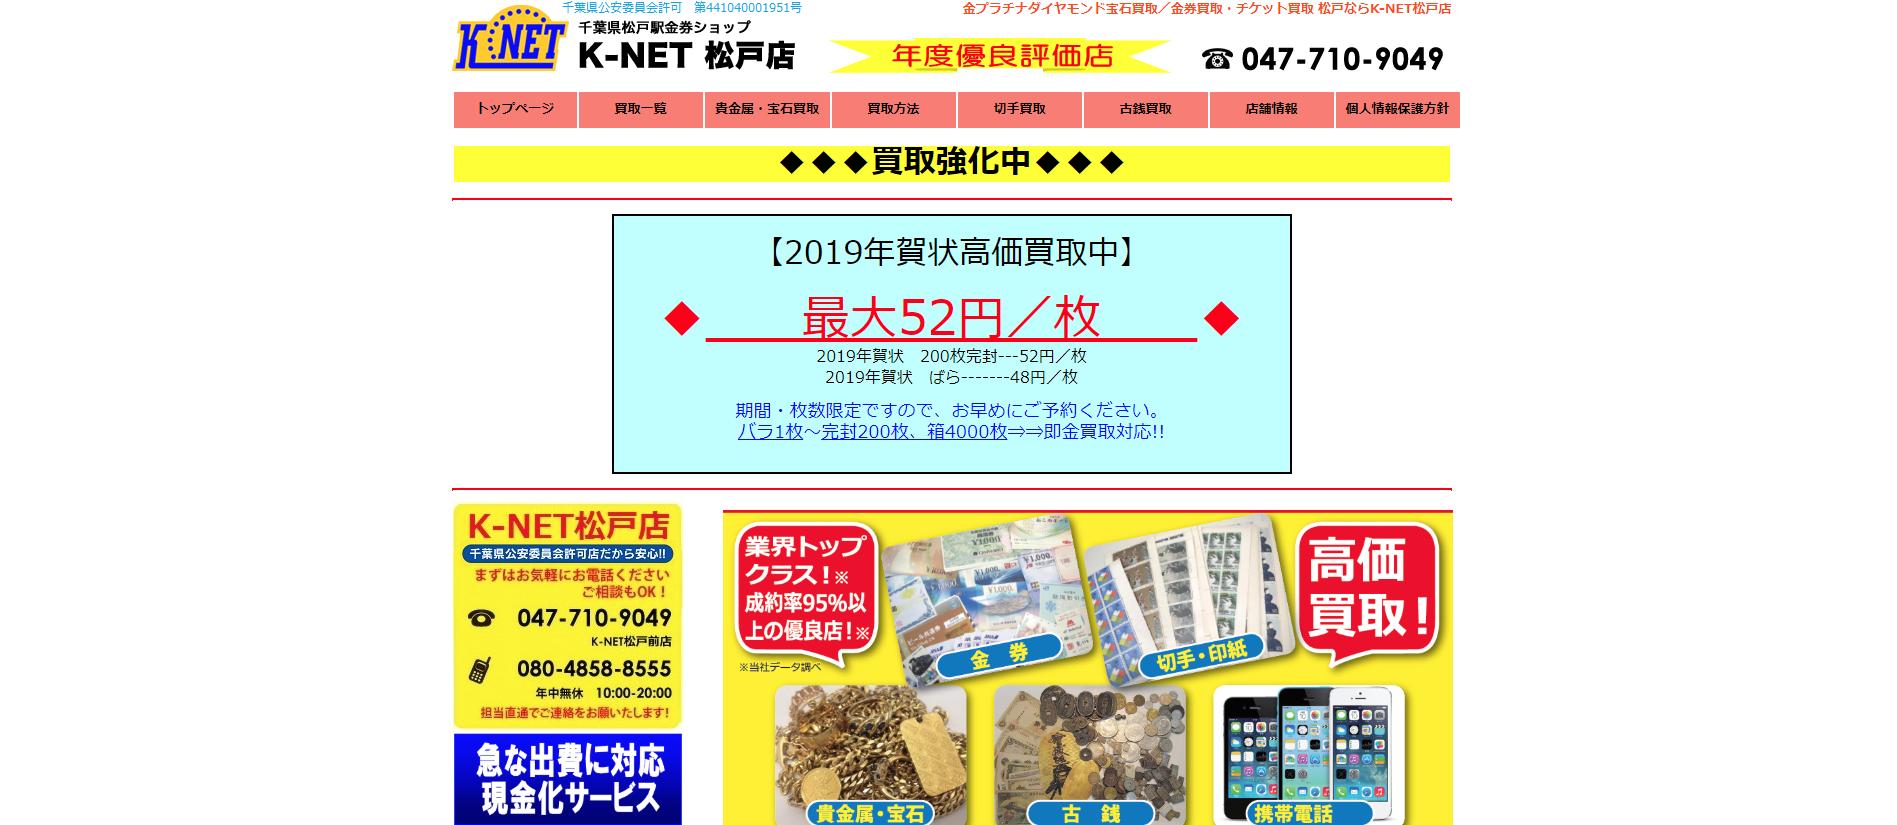 ケイネット(松戸店)